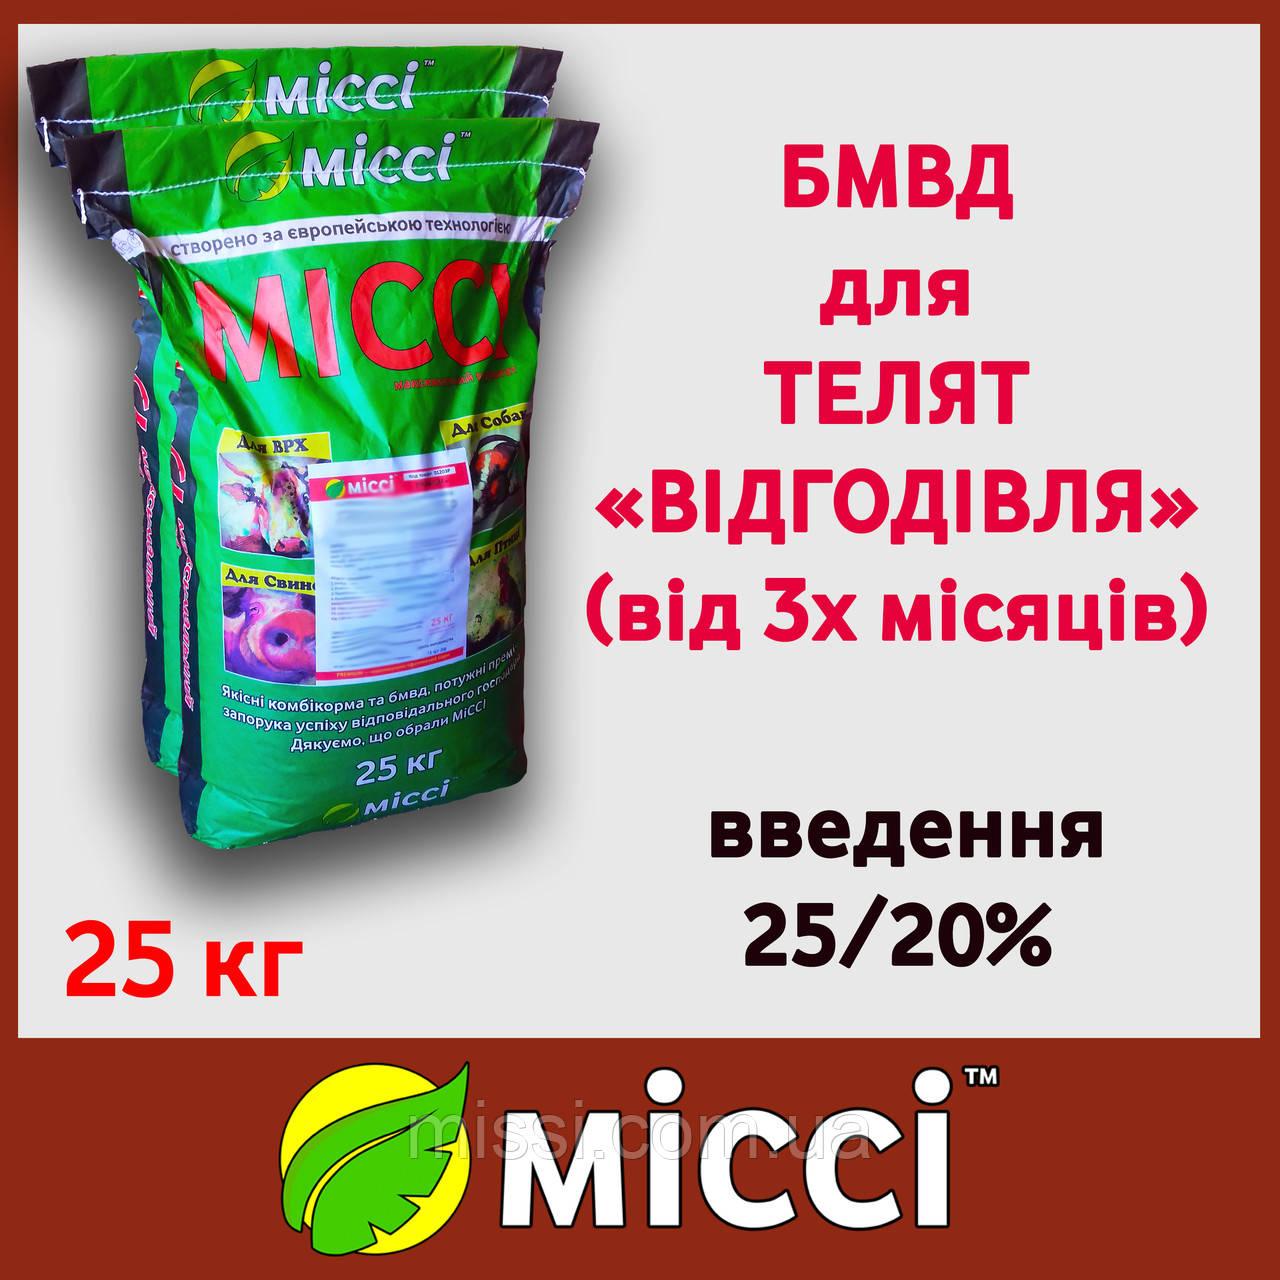 БМВД Откормочный 25% для бычков (упаковка 25 кг.) Мисси